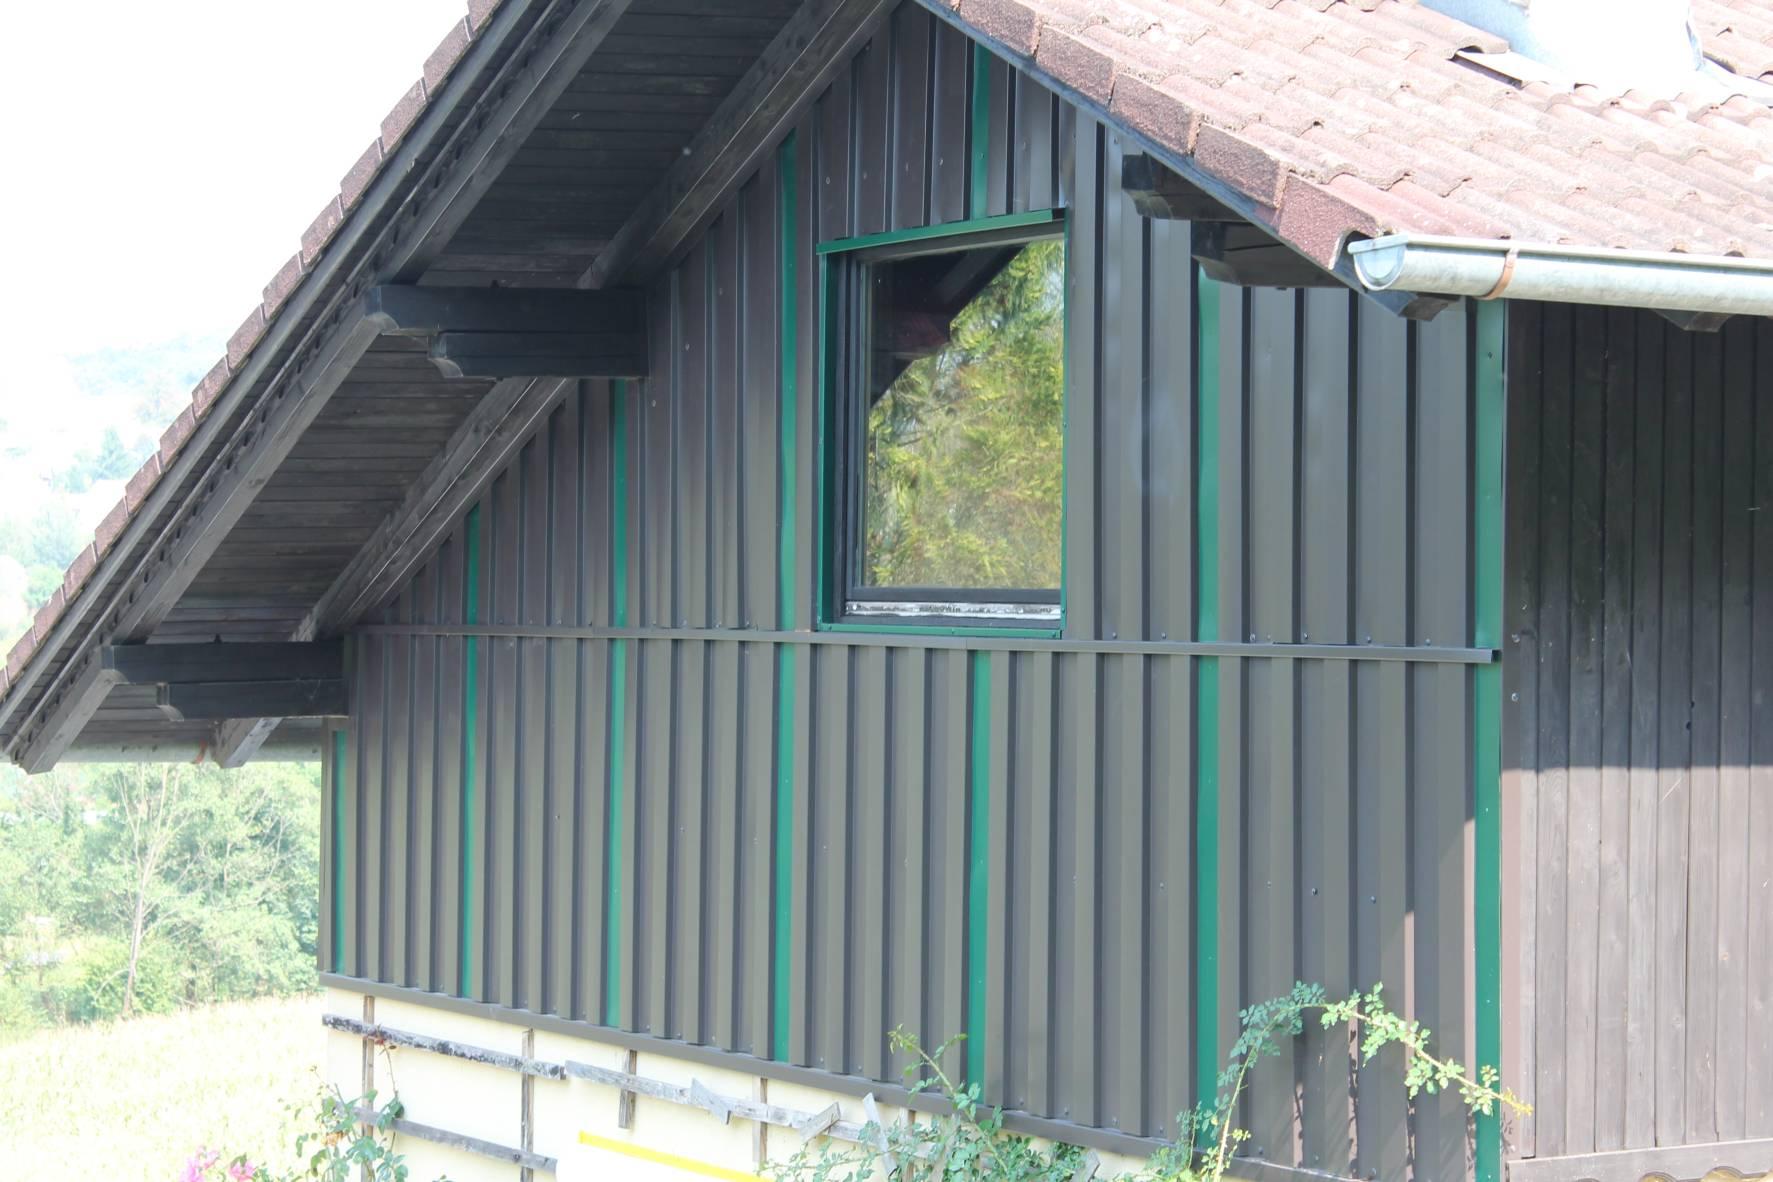 Ansprechend Fassade Mit Blech Verkleiden Foto Von Jpg?ipr=scale_800_600 3bdonotenlarge&nam=fassade 20liebenberger.jpg